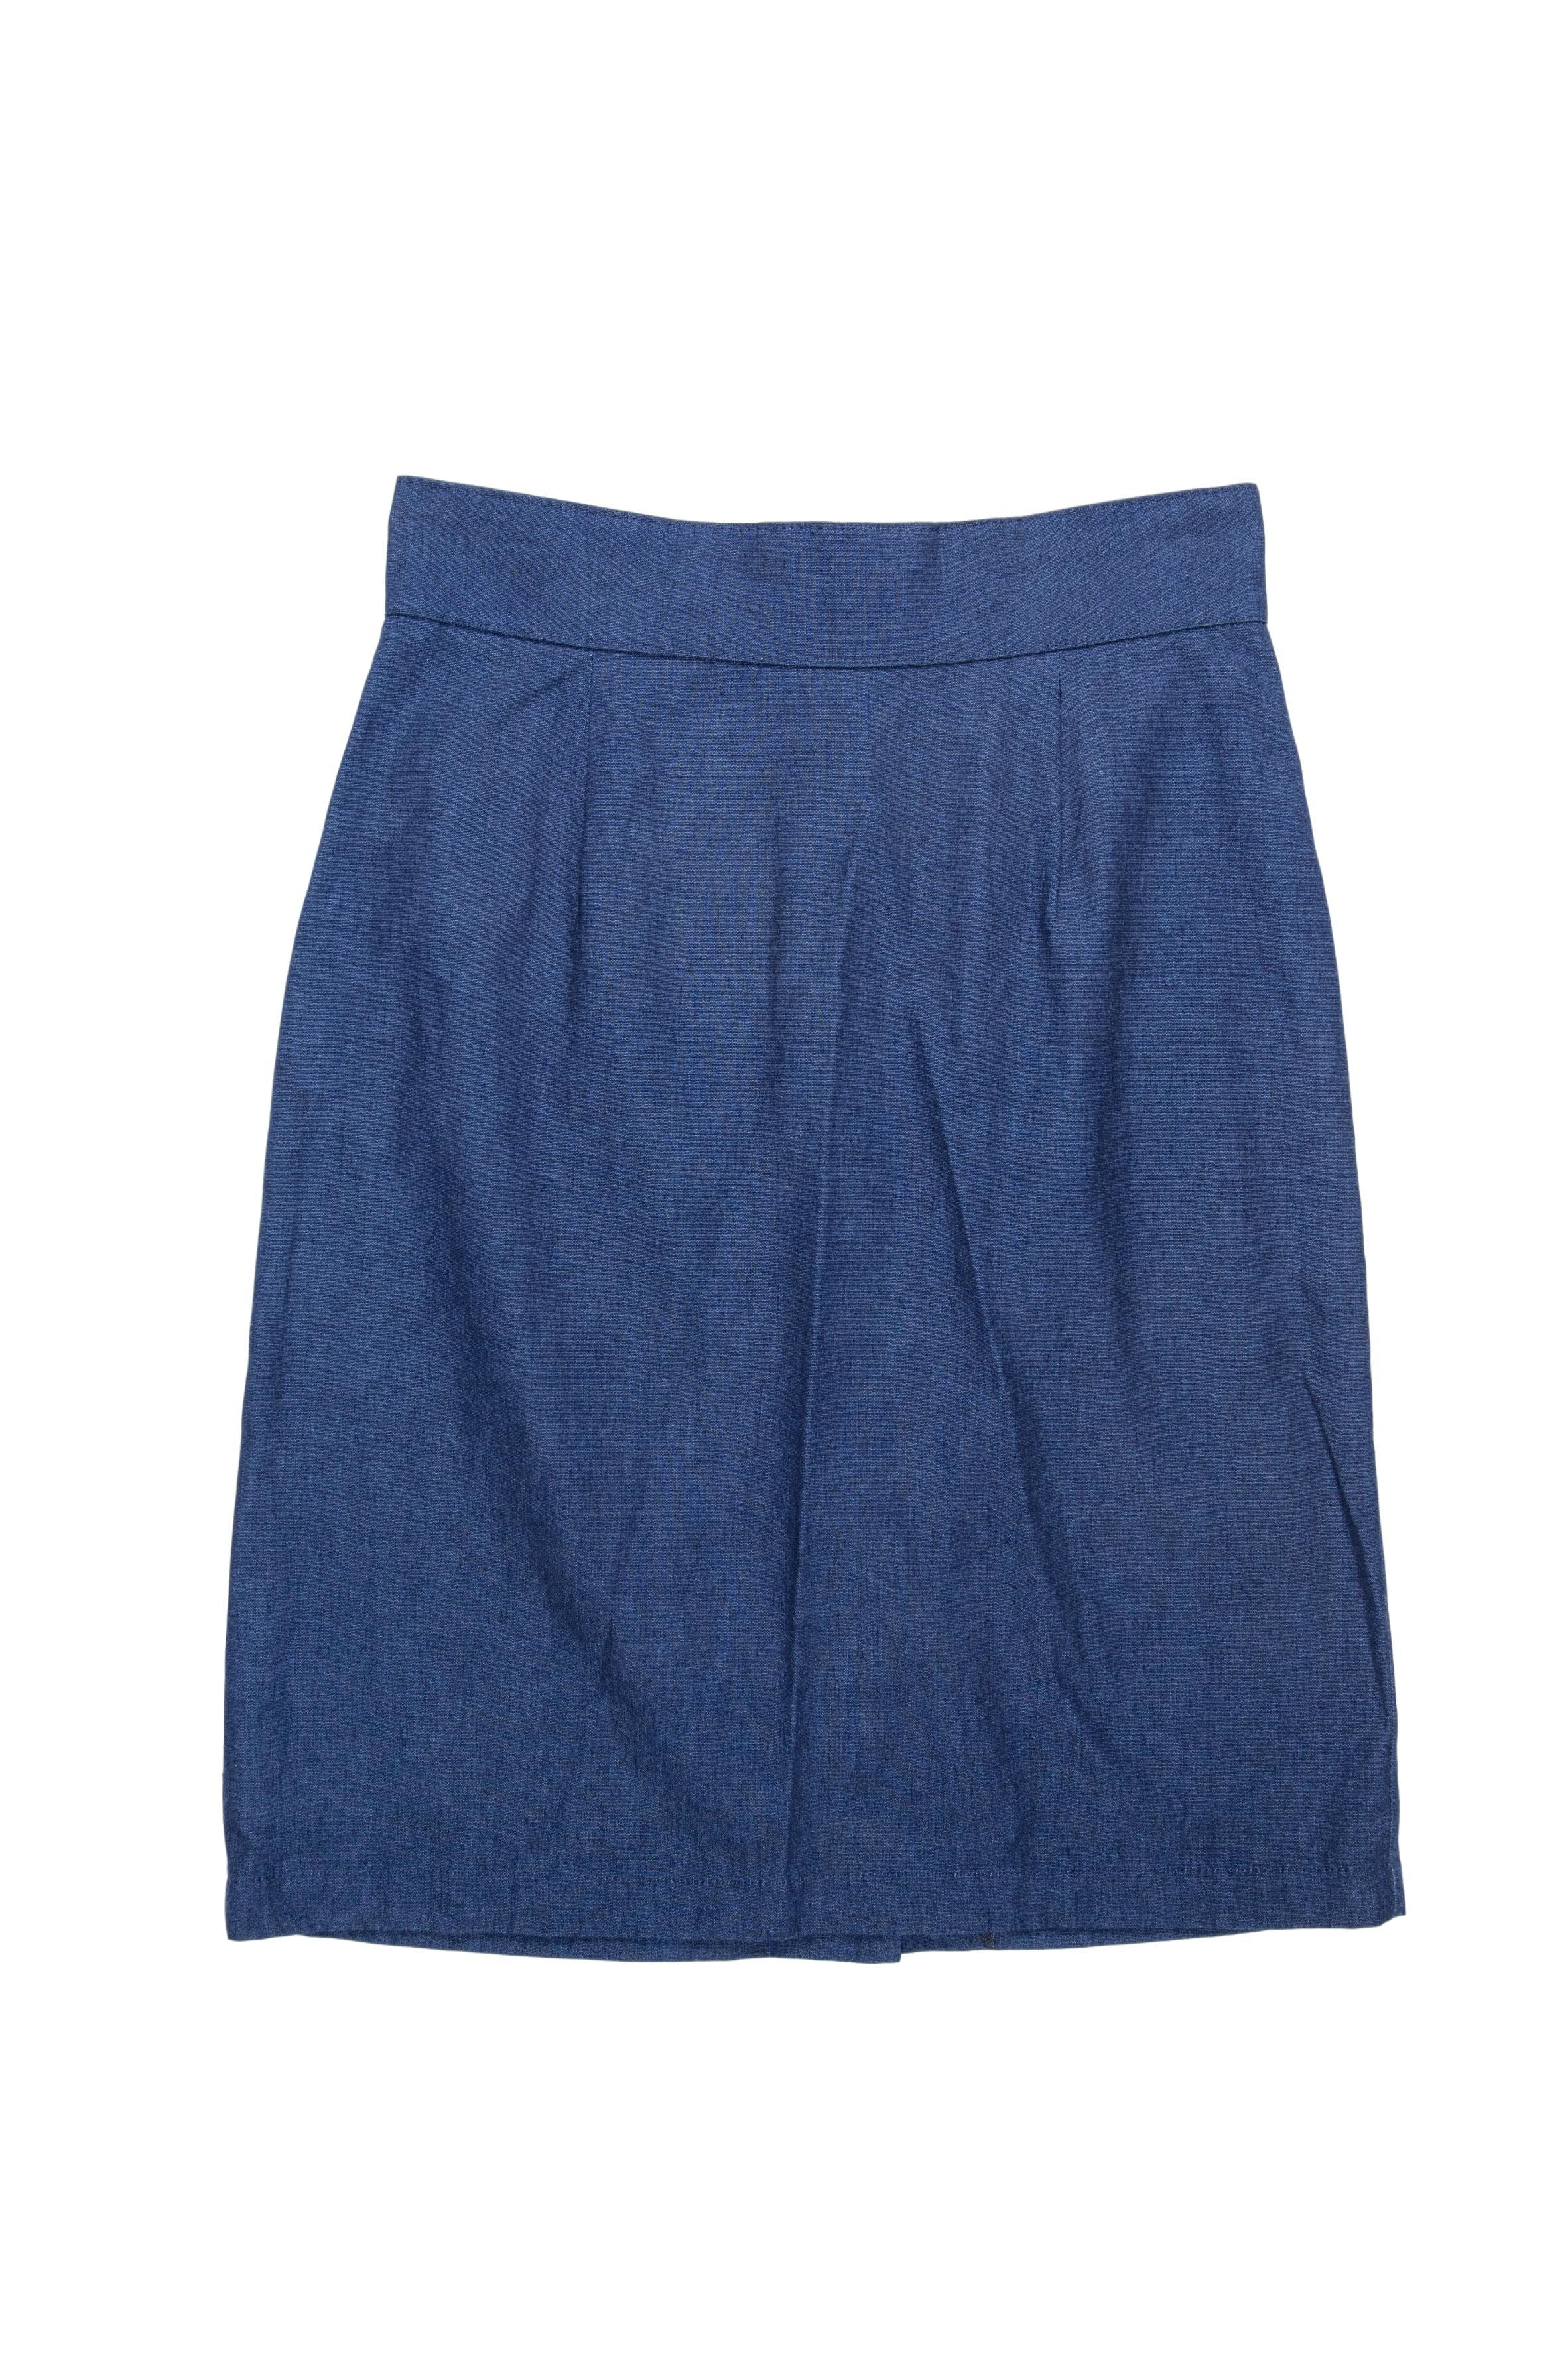 Falda azul de tela tipo drill a la cintura con cierre posterior. Cintura 64cm Cadera 90cm Largo 54cm